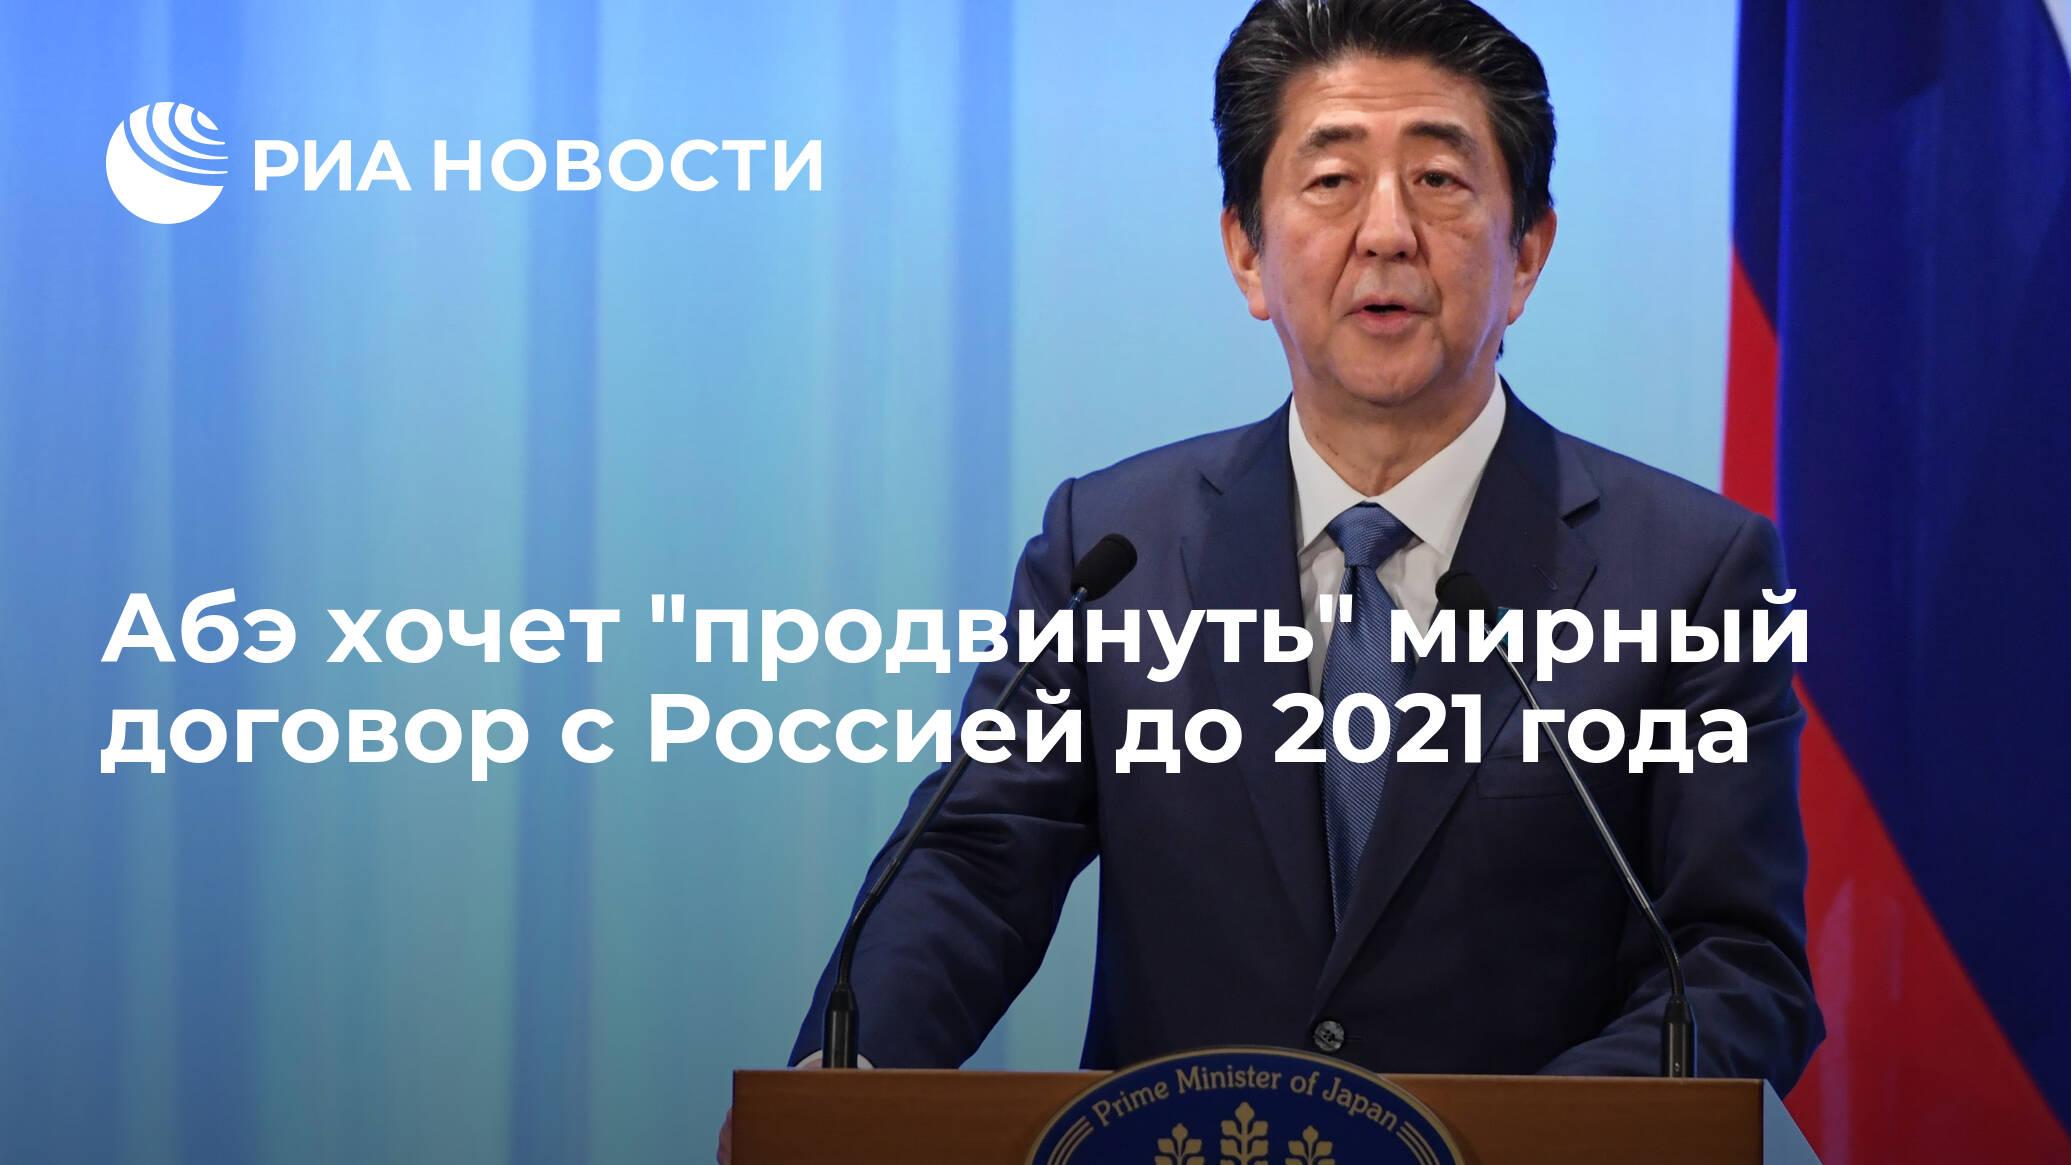 Абэ намерен заключить мирный договор с Россией до 2021 года